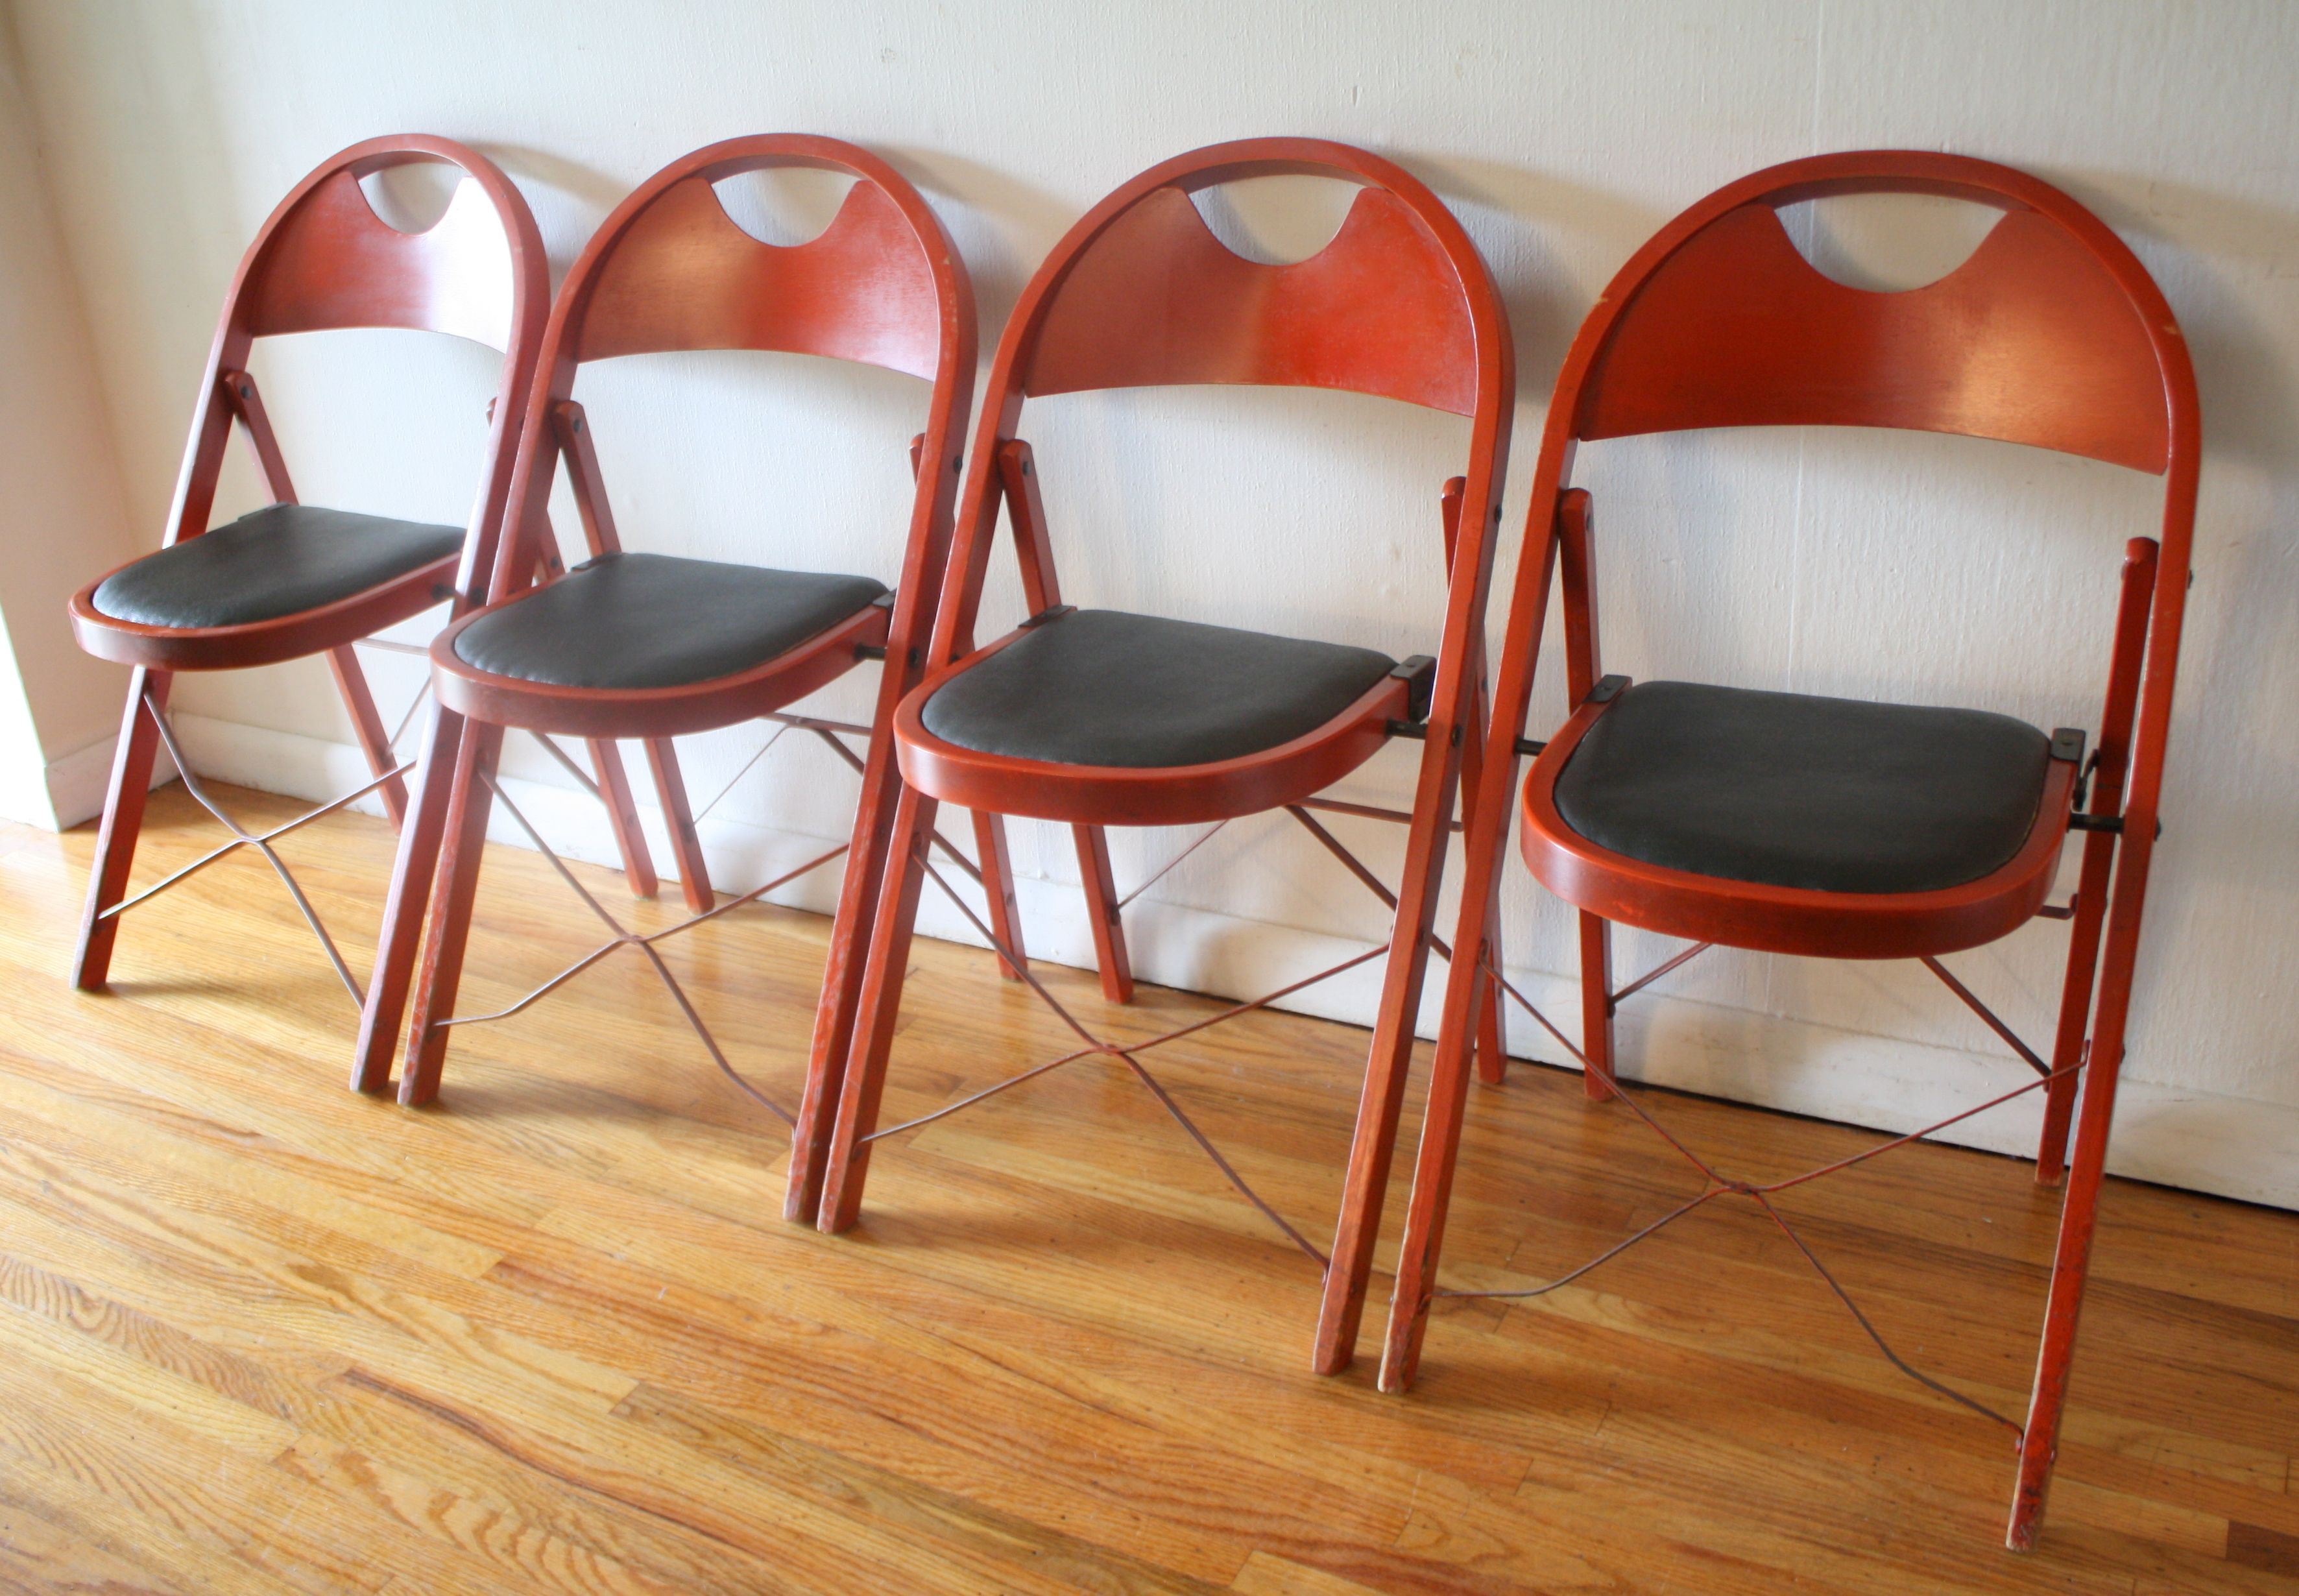 Faltbares Indoor Stühle Wo Zu Kaufen Weißen Klappstühle Gast Stühle